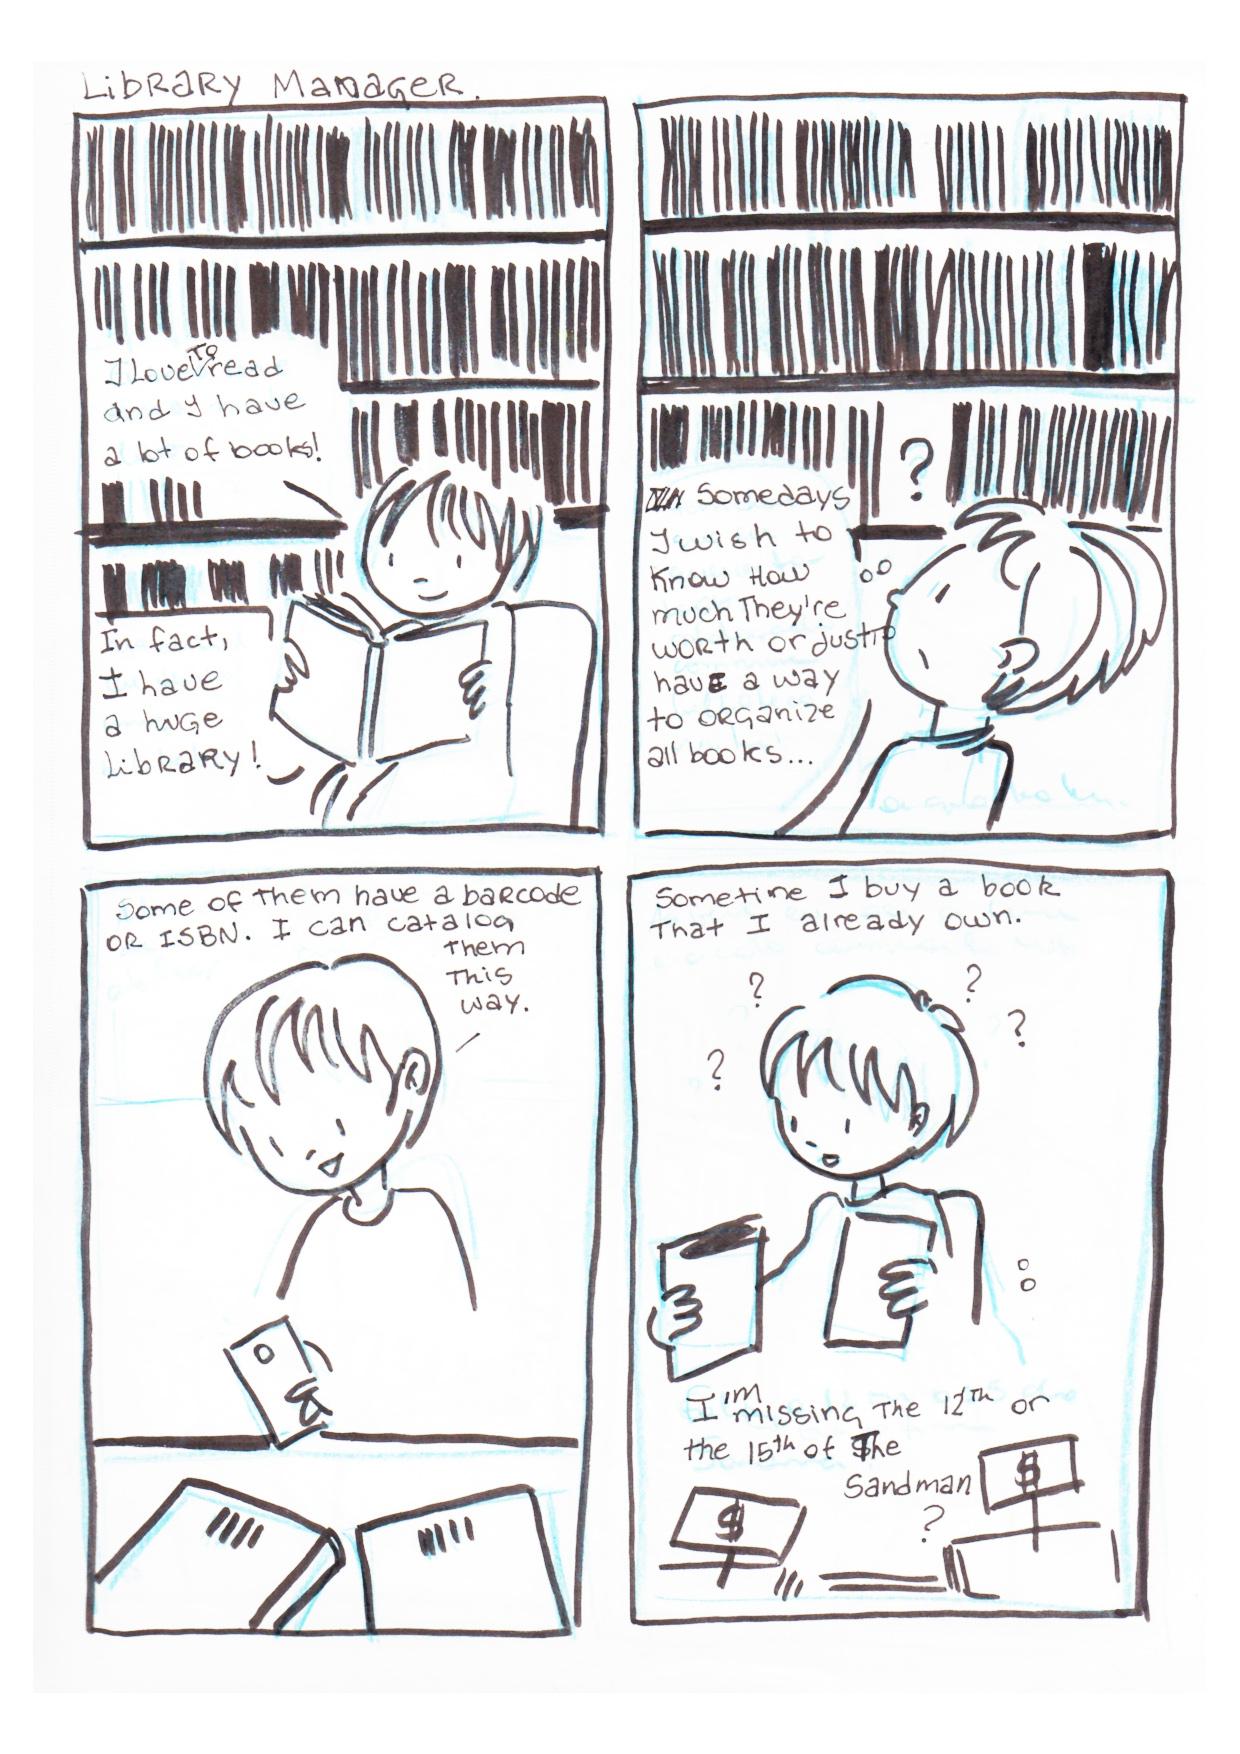 storyboard1a - menian em duvida como organizar seus livros. Ela encontra titulos repetidos.